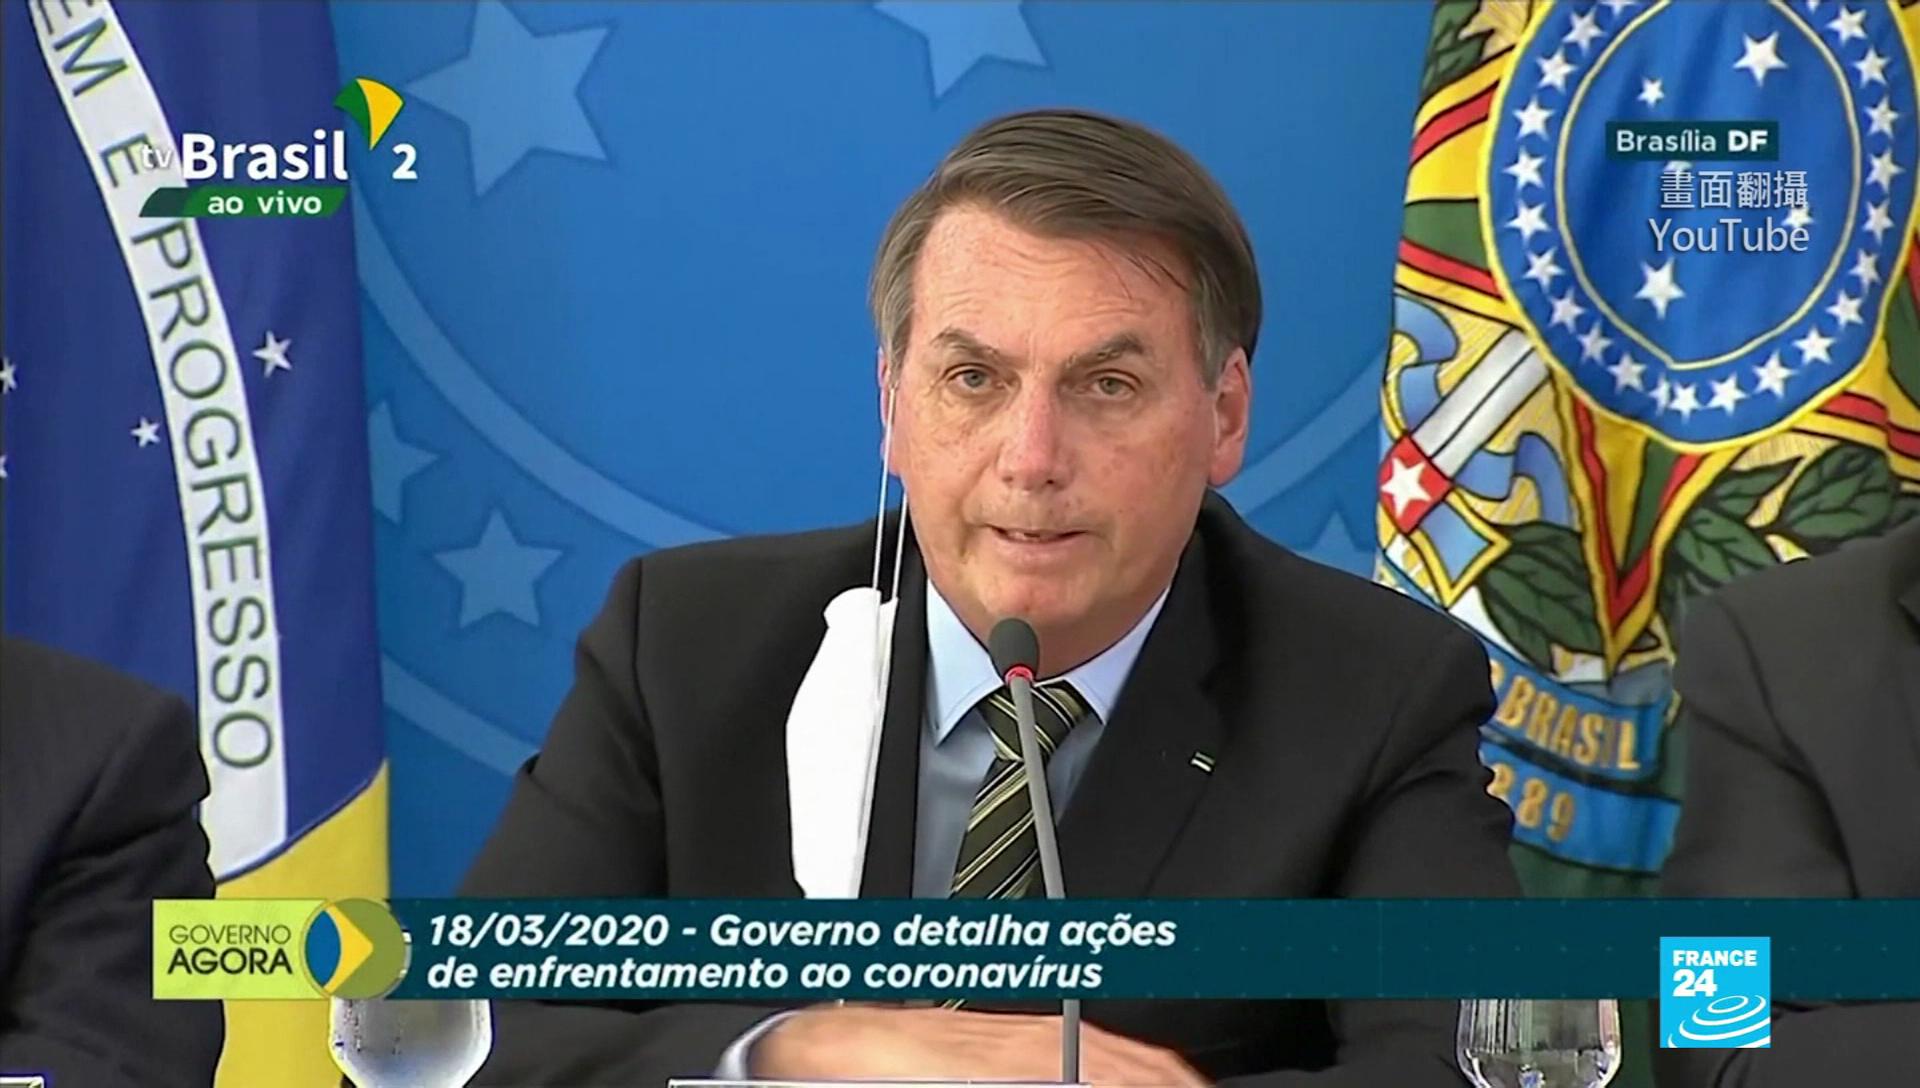 巴西逾百萬人染疫 總統竟稱只是「小流感」?